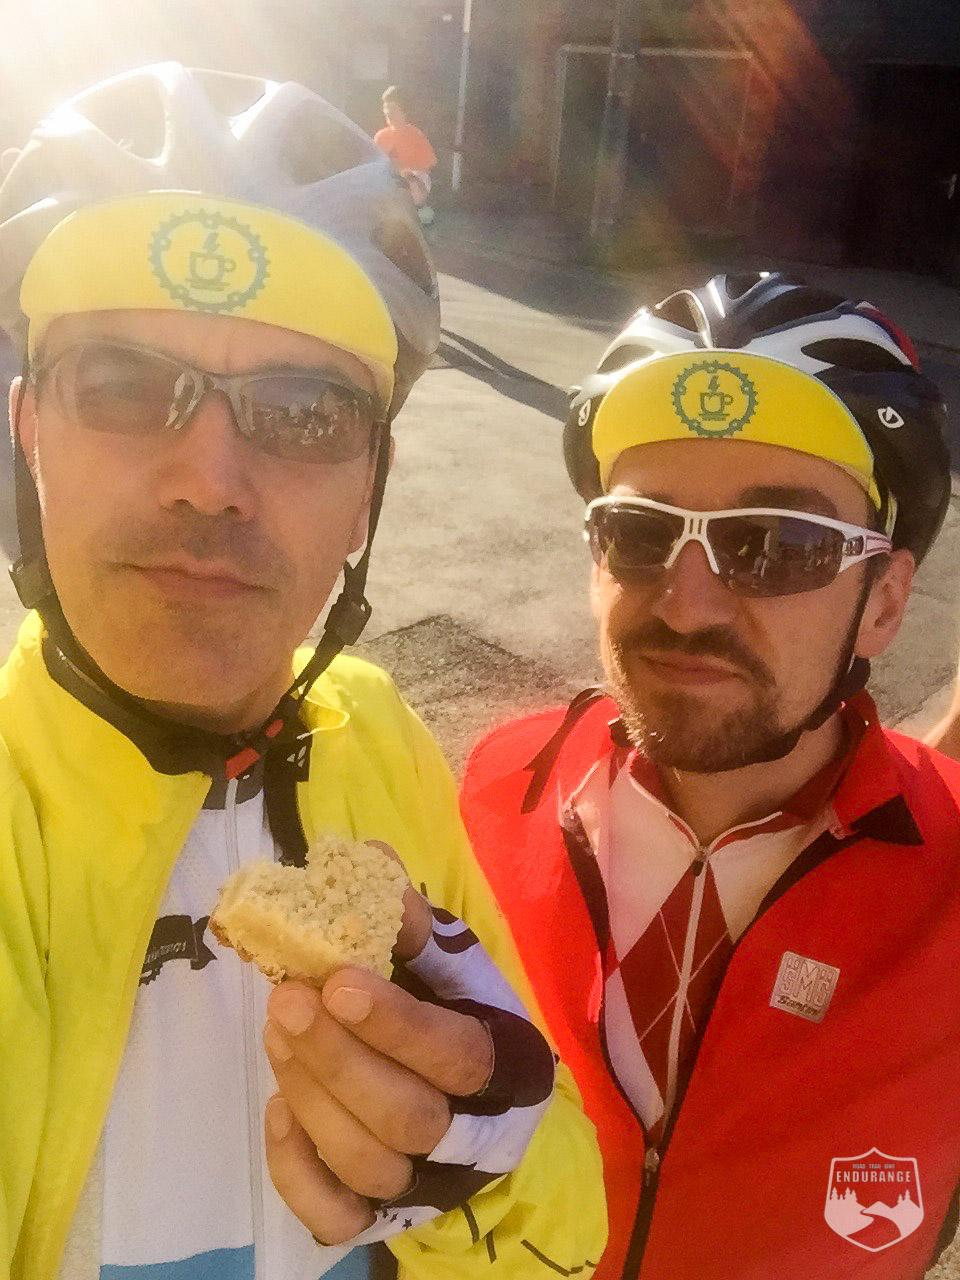 FRM, Frankenwald Radmarathon, Stockheim, Twitterbiketreff, FRM16, Kuchen, Kuchensollstdusuchen, Allebekloppt